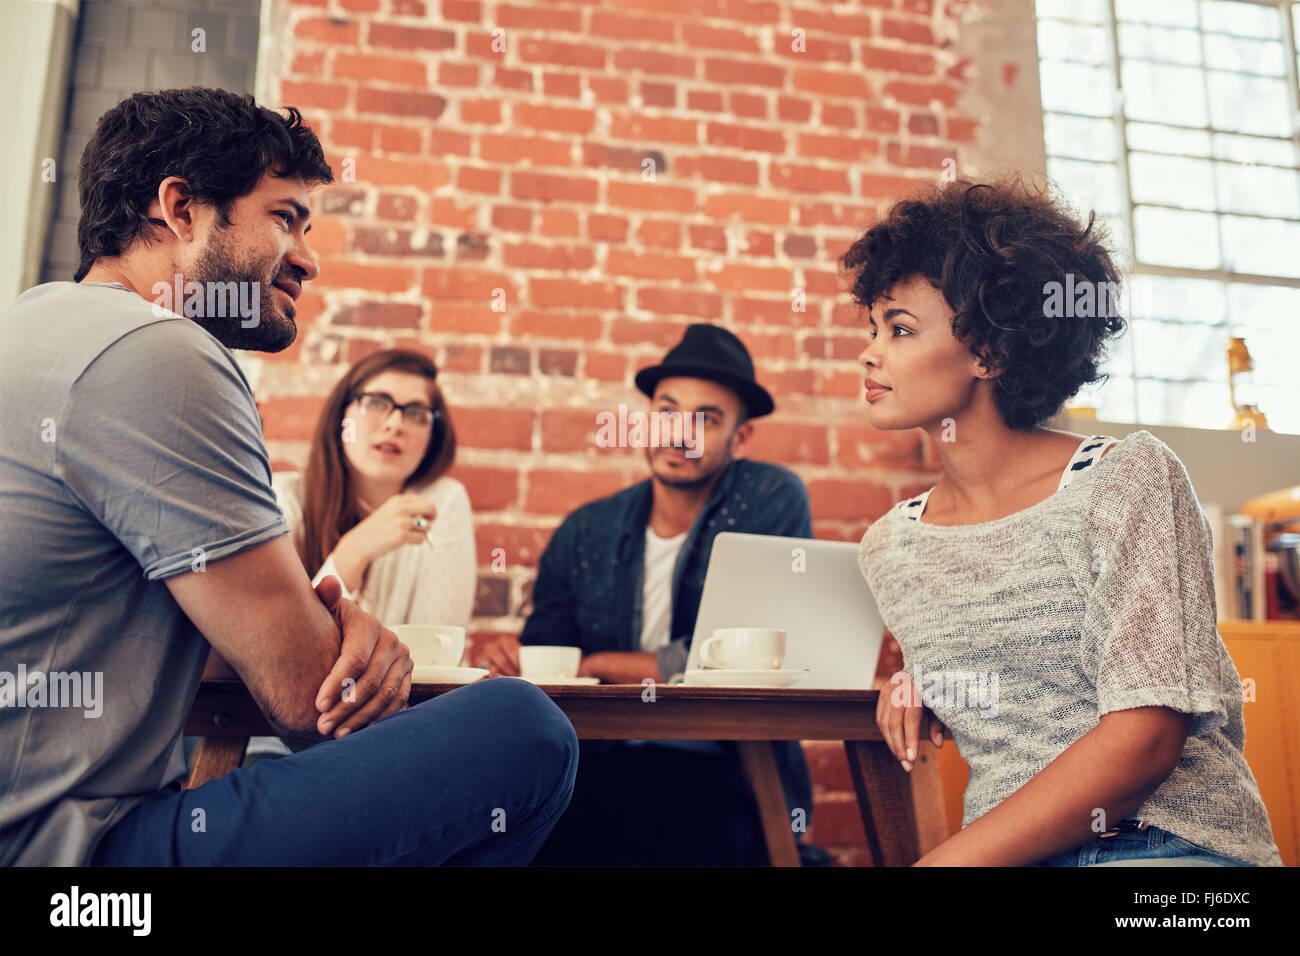 Retrato de jóvenes amigos sentados en una cafetería y hablando. Grupo de jóvenes reunidos en una Imagen De Stock